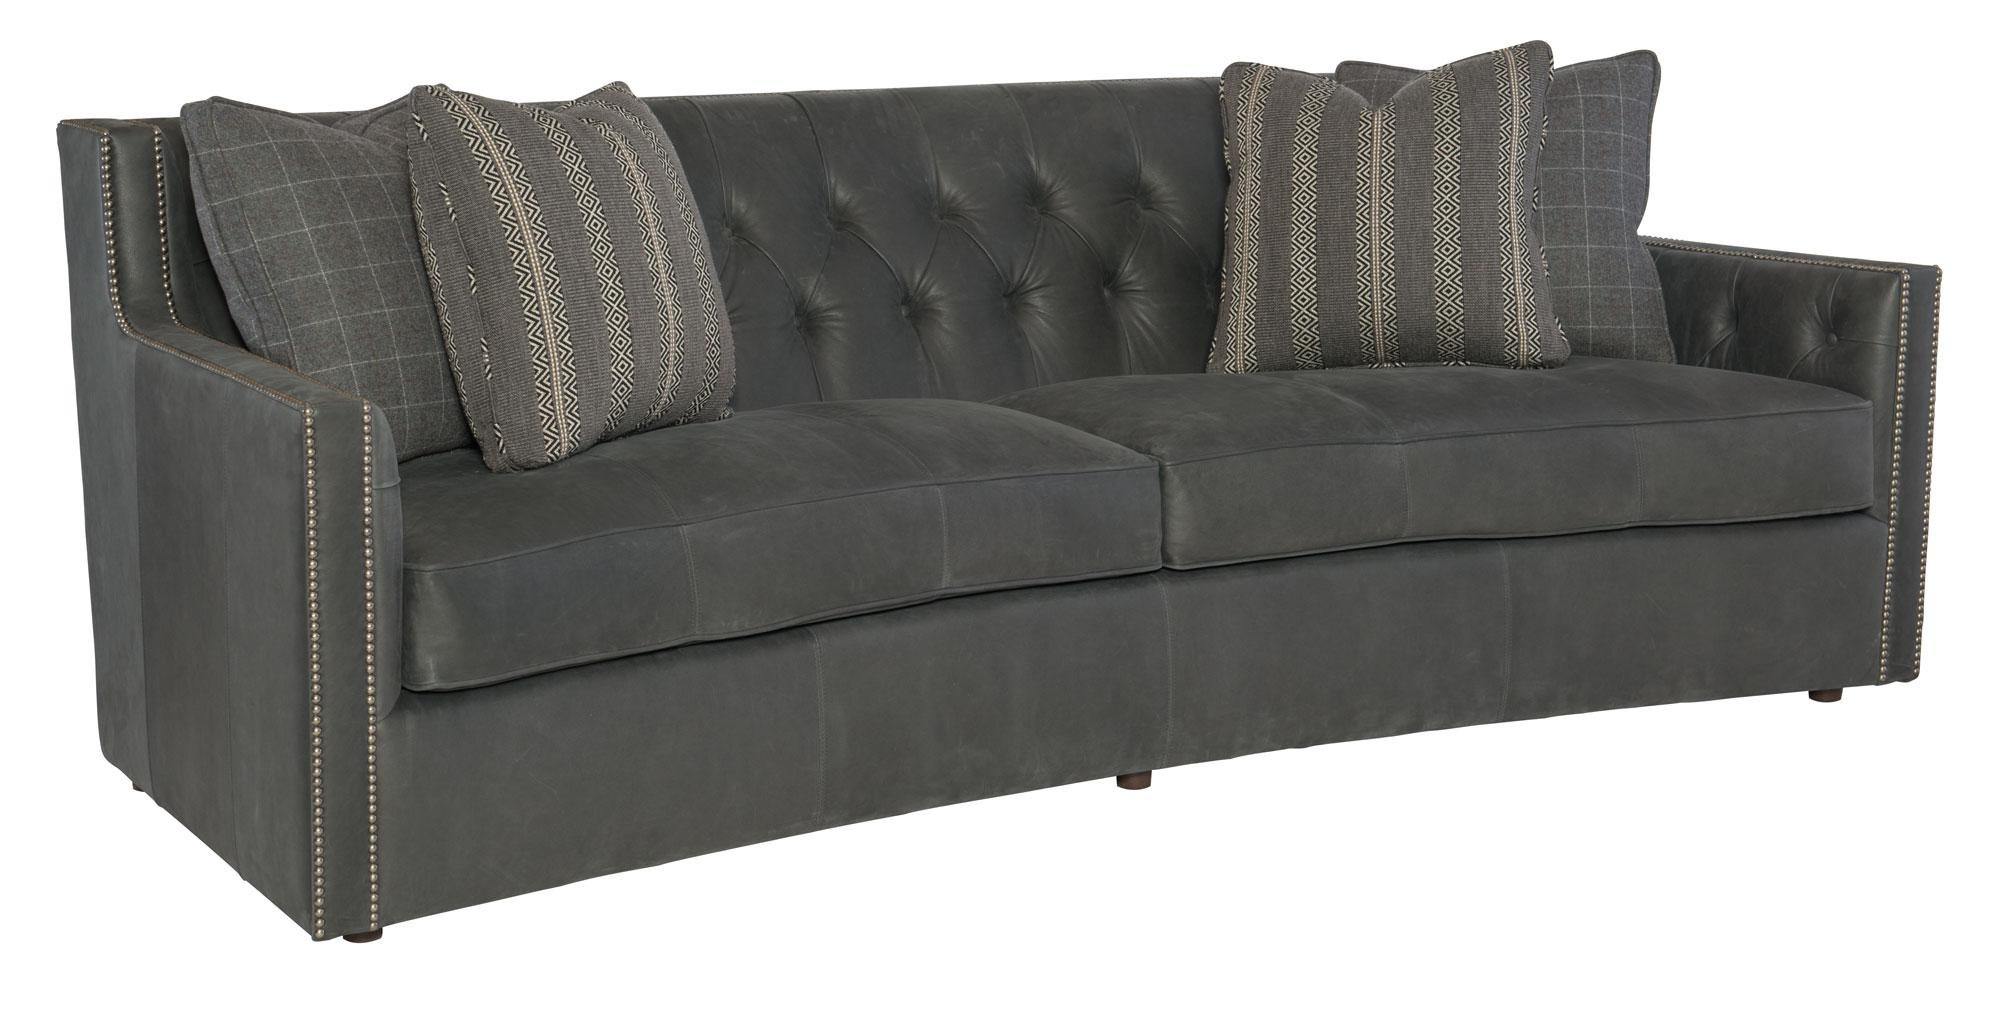 bernhardt breckenridge sofa modern 2017 20 best ideas sofas